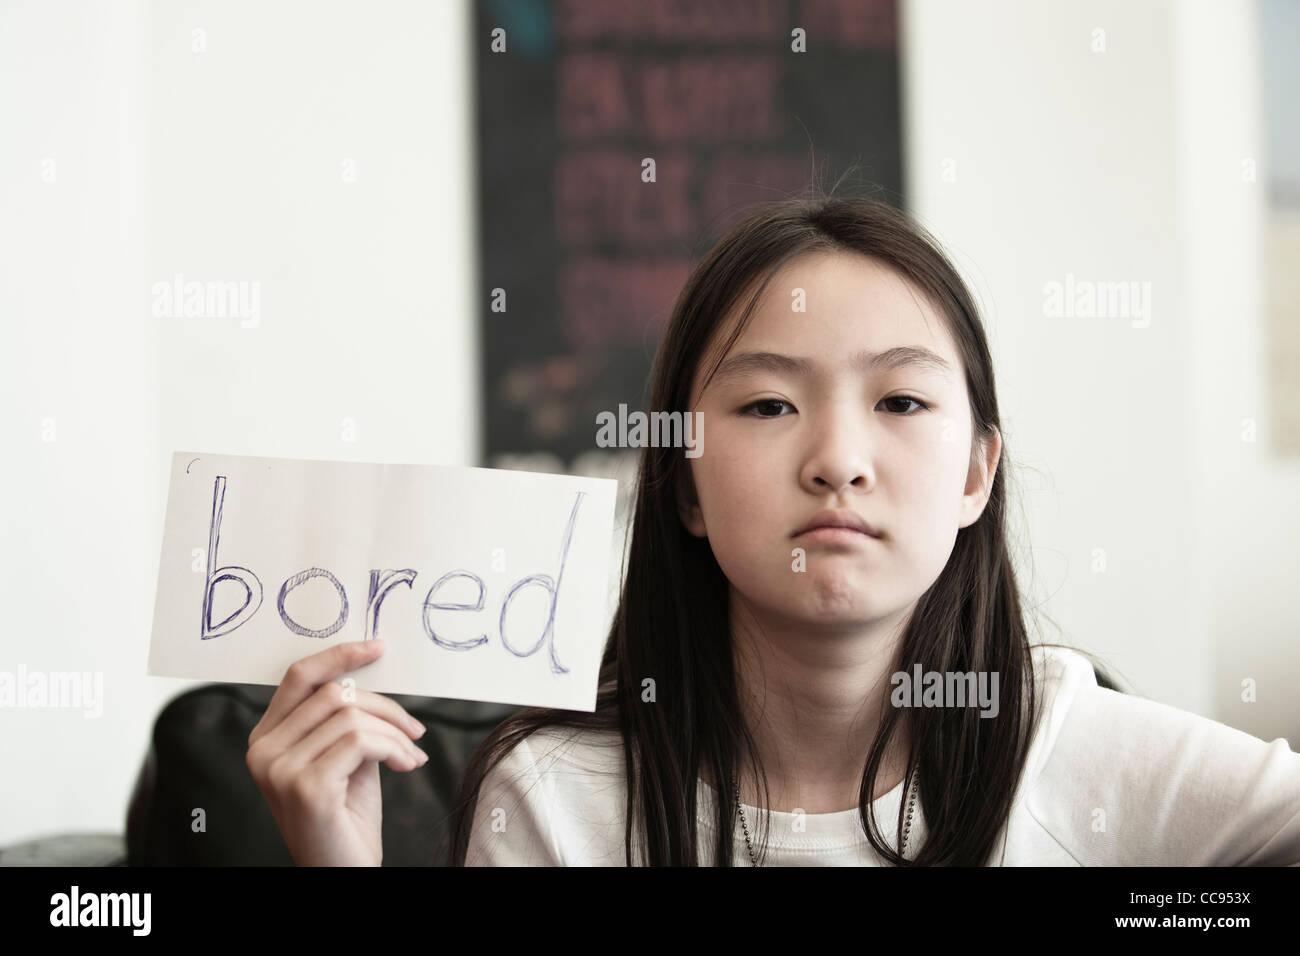 Asian girl holding sign